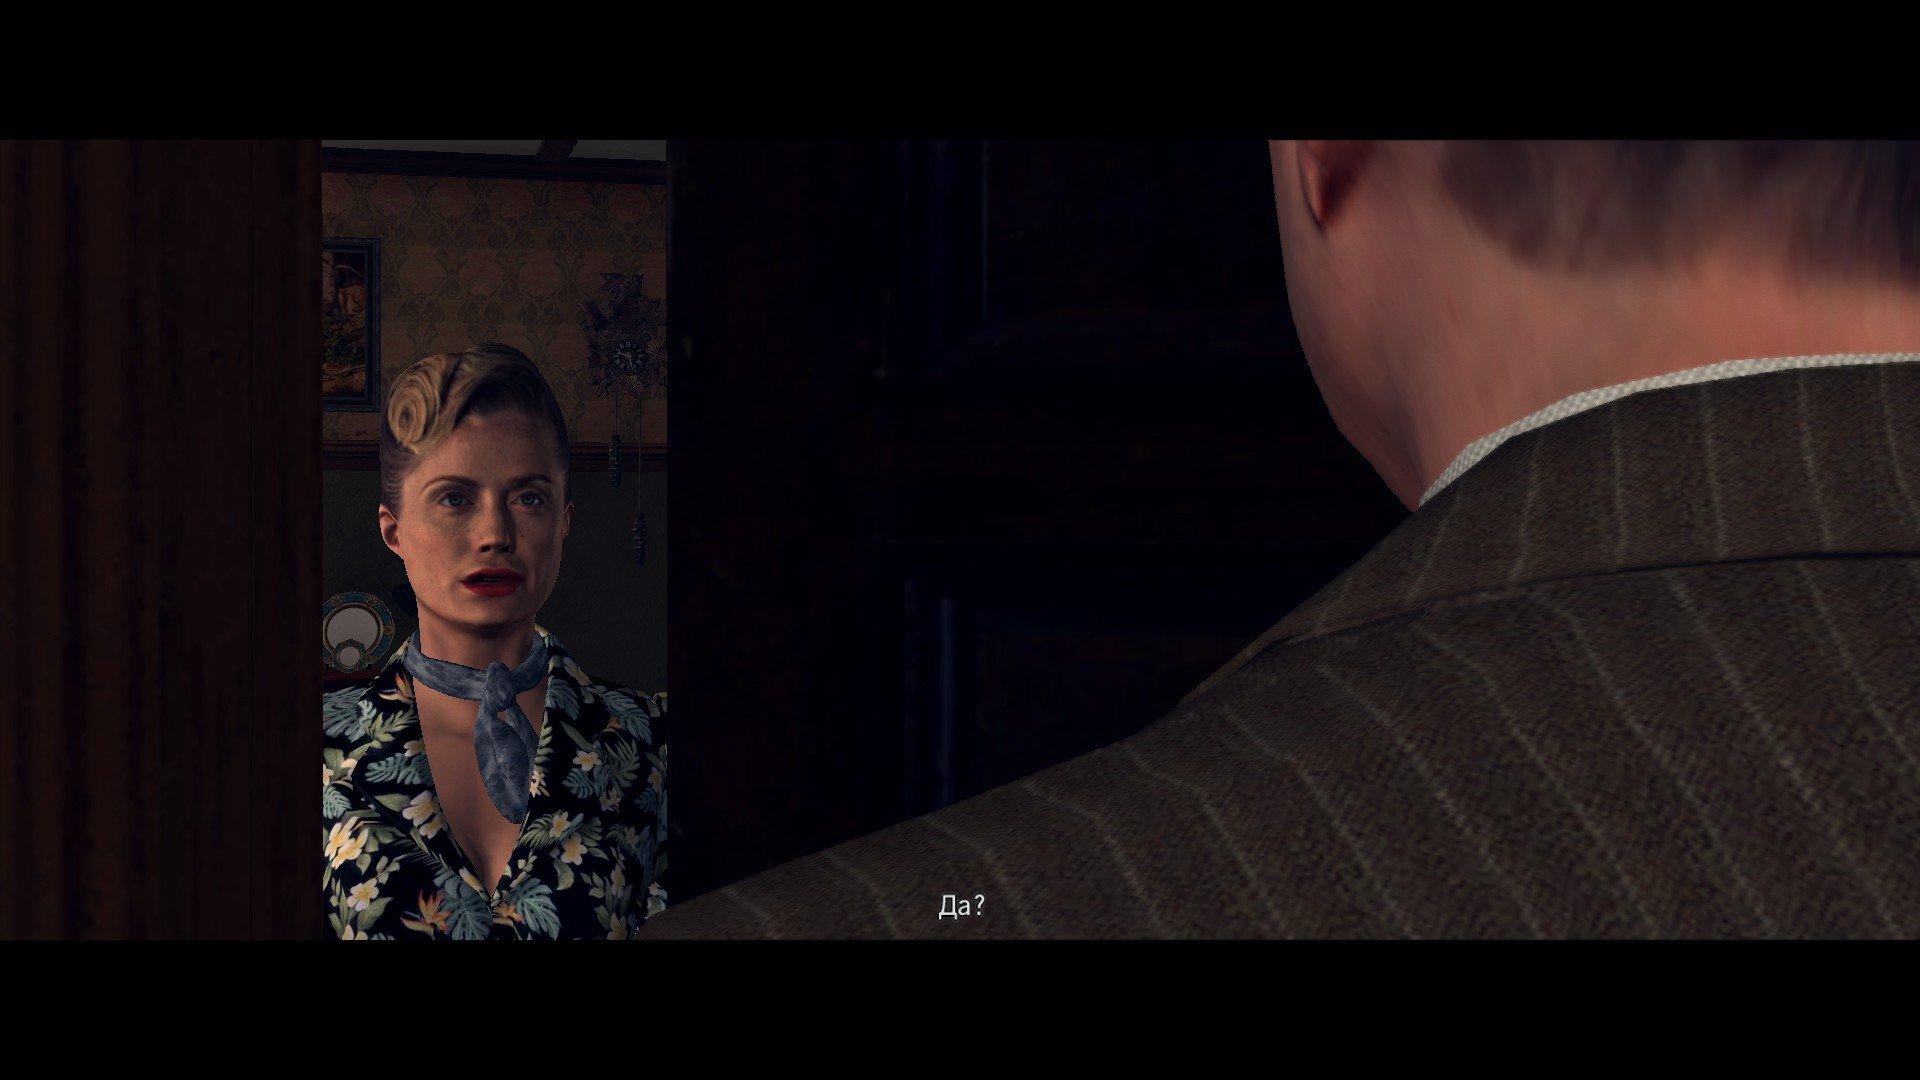 Пост-прохождение L.A. Noire Часть 4 - Изображение 44